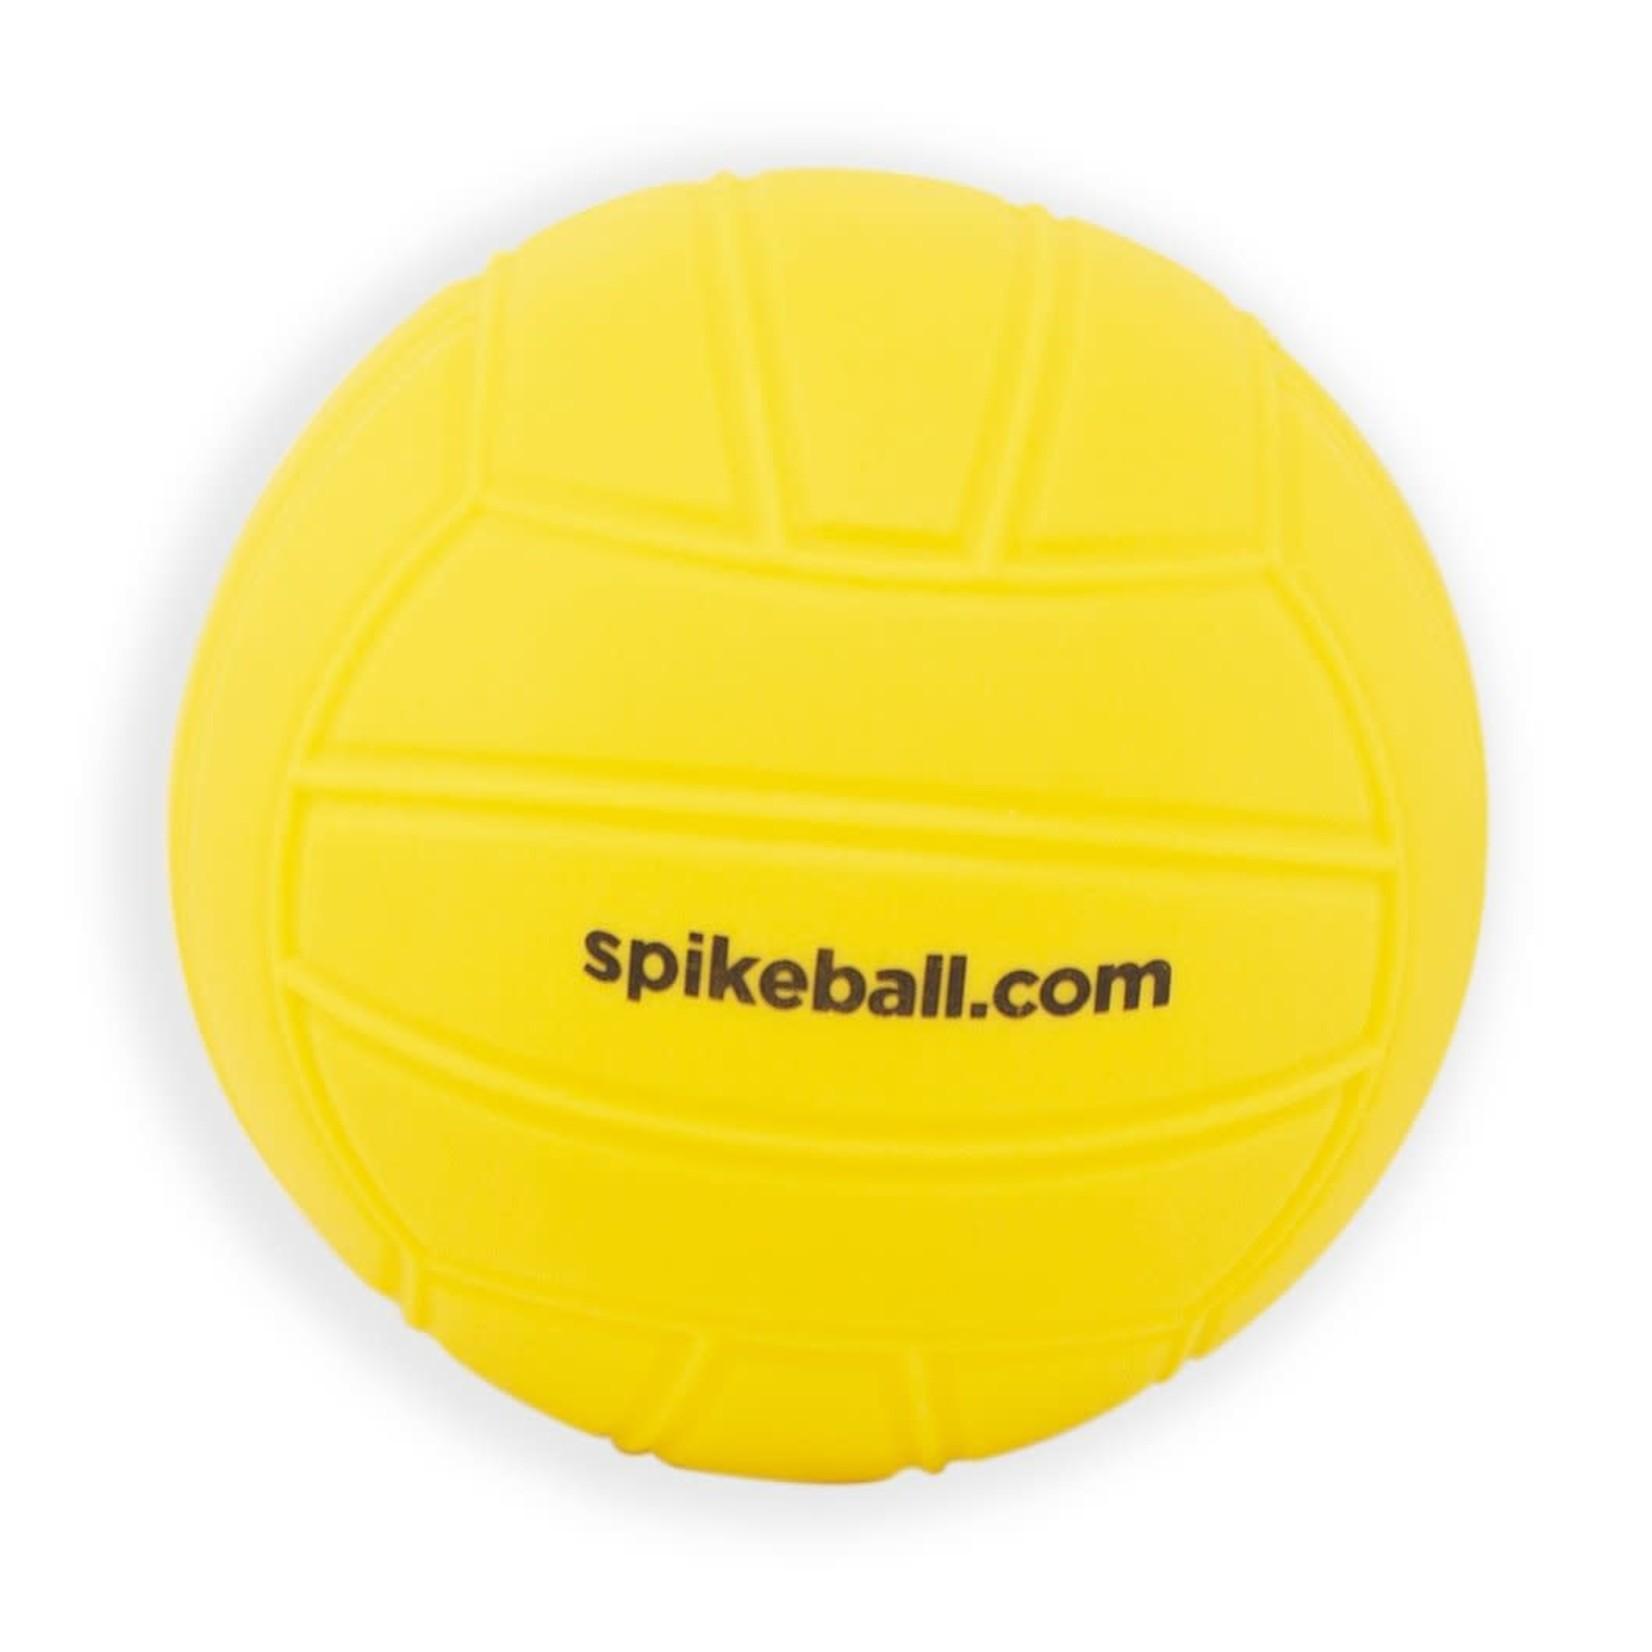 Spikeball Spikeball Replacement Ball